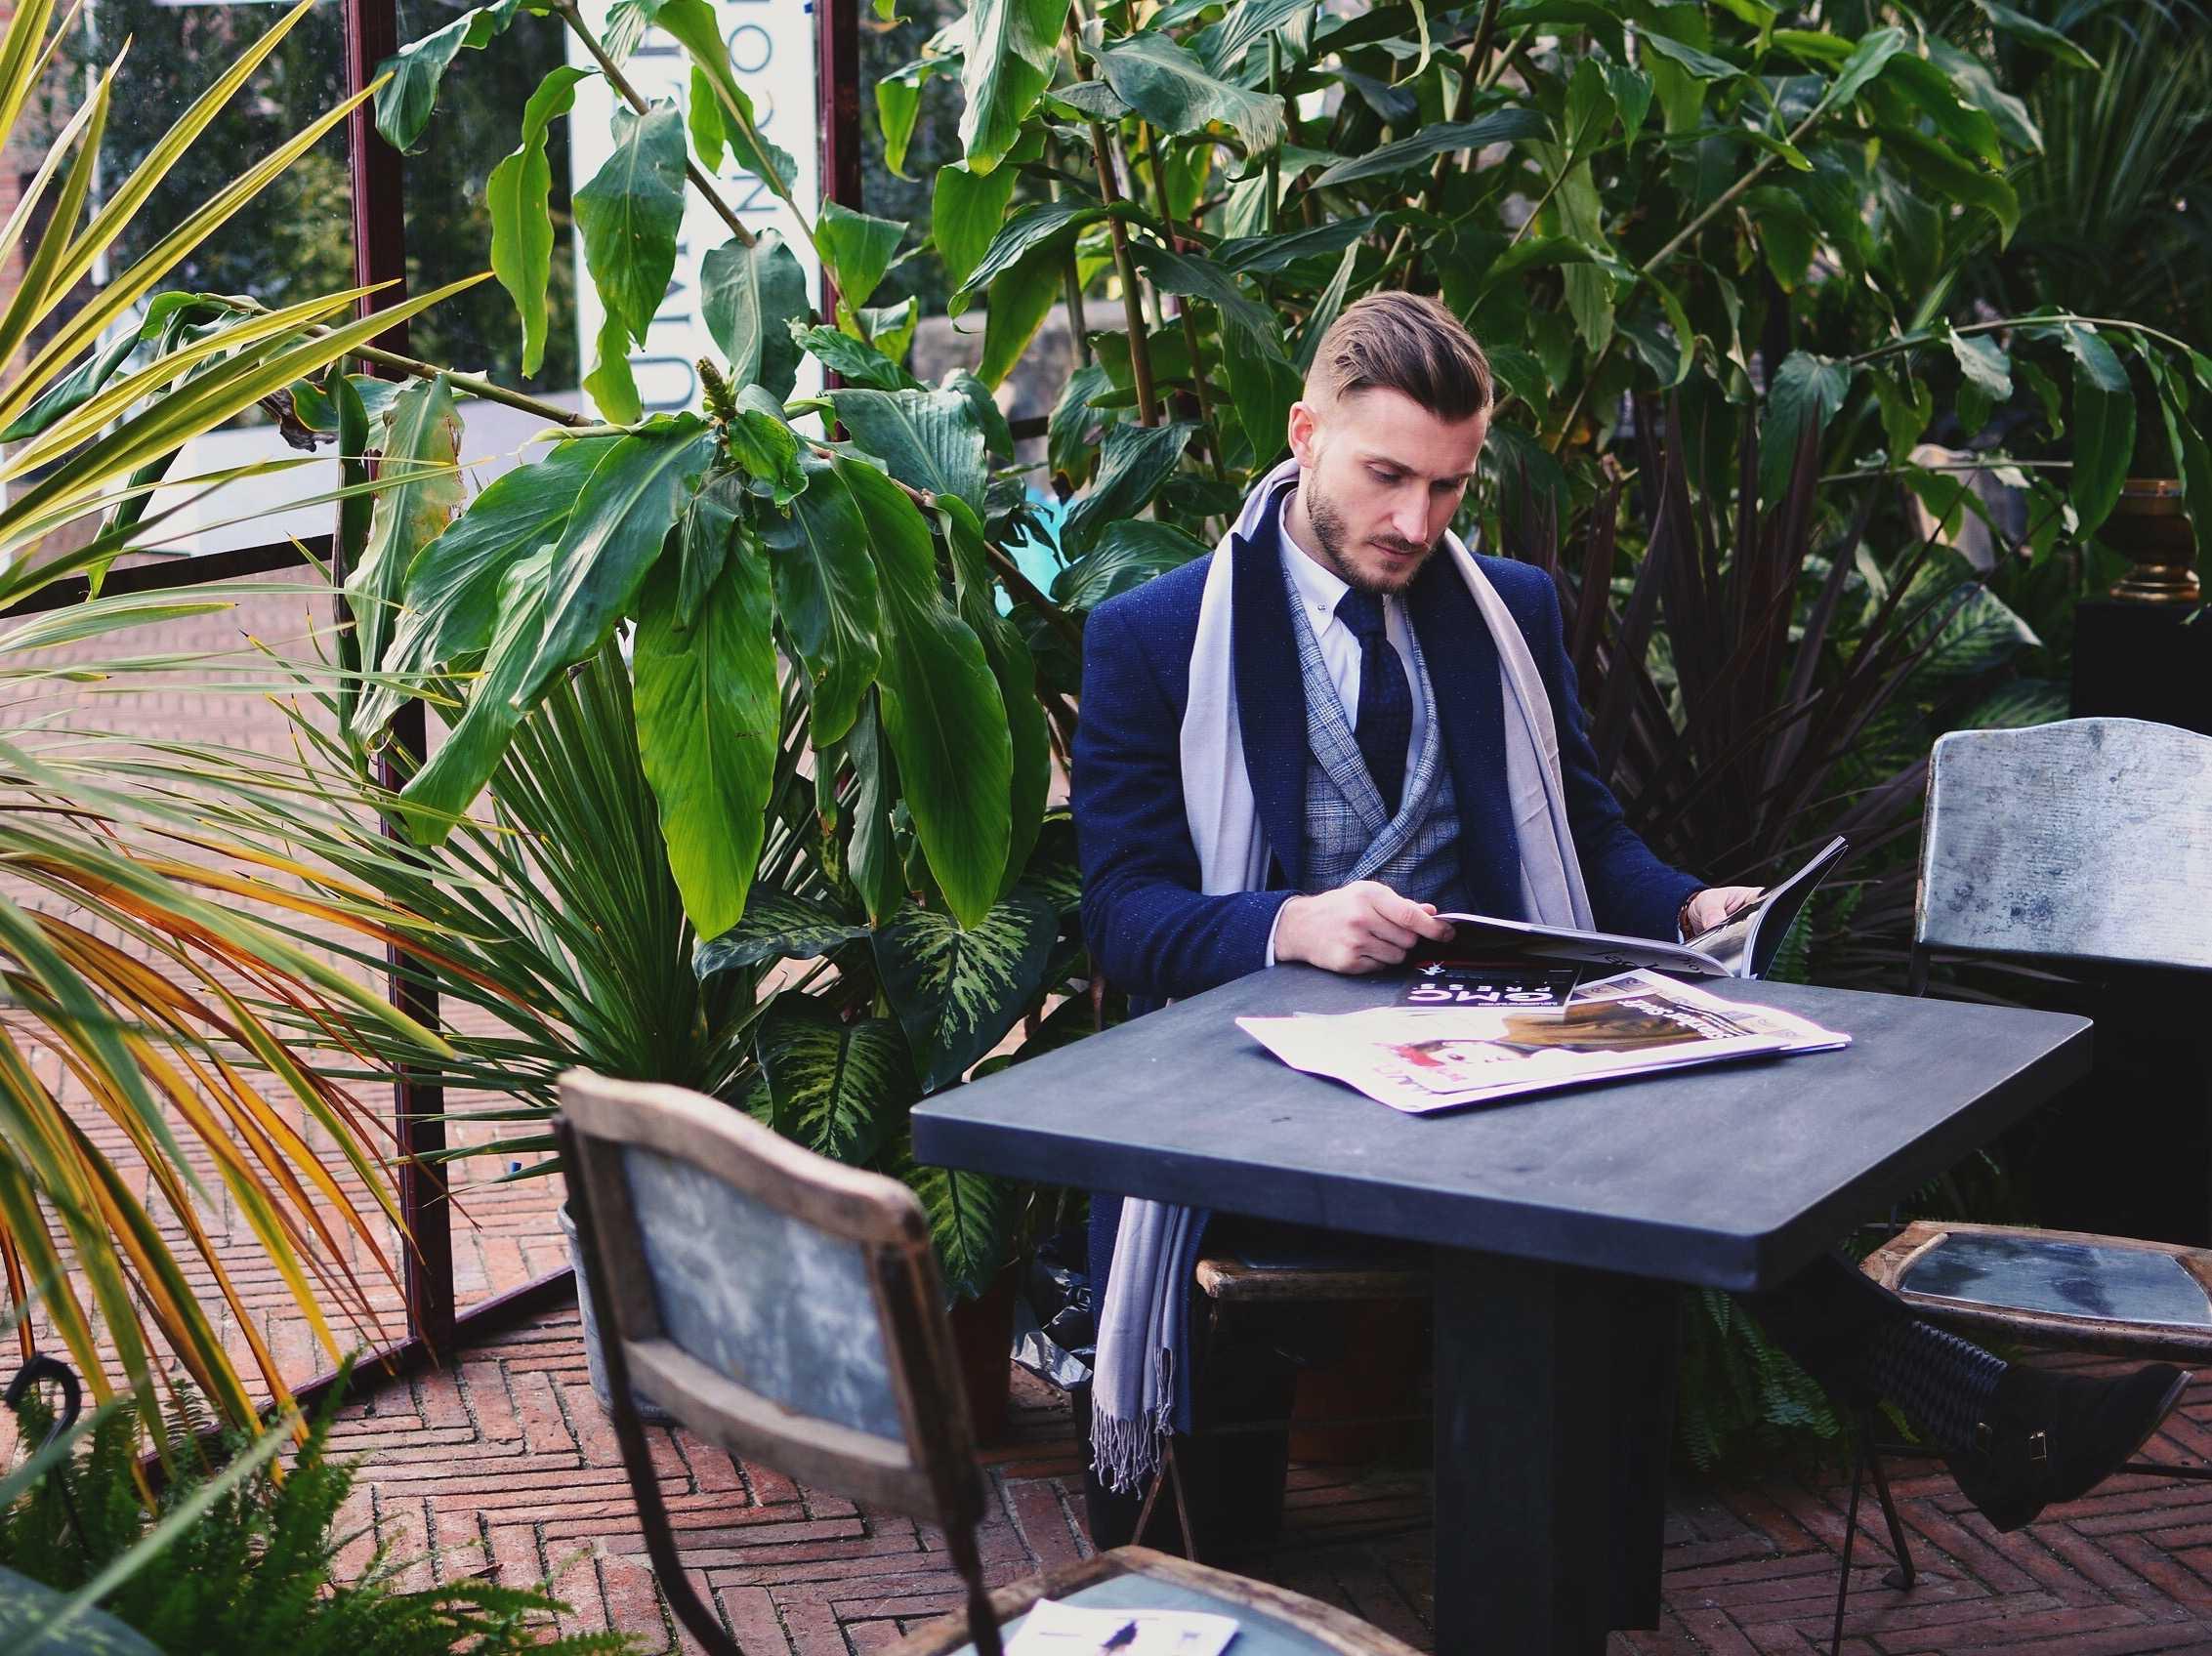 Пальто мужское синее меланж, мелкая клеточка, итальянский лацкан